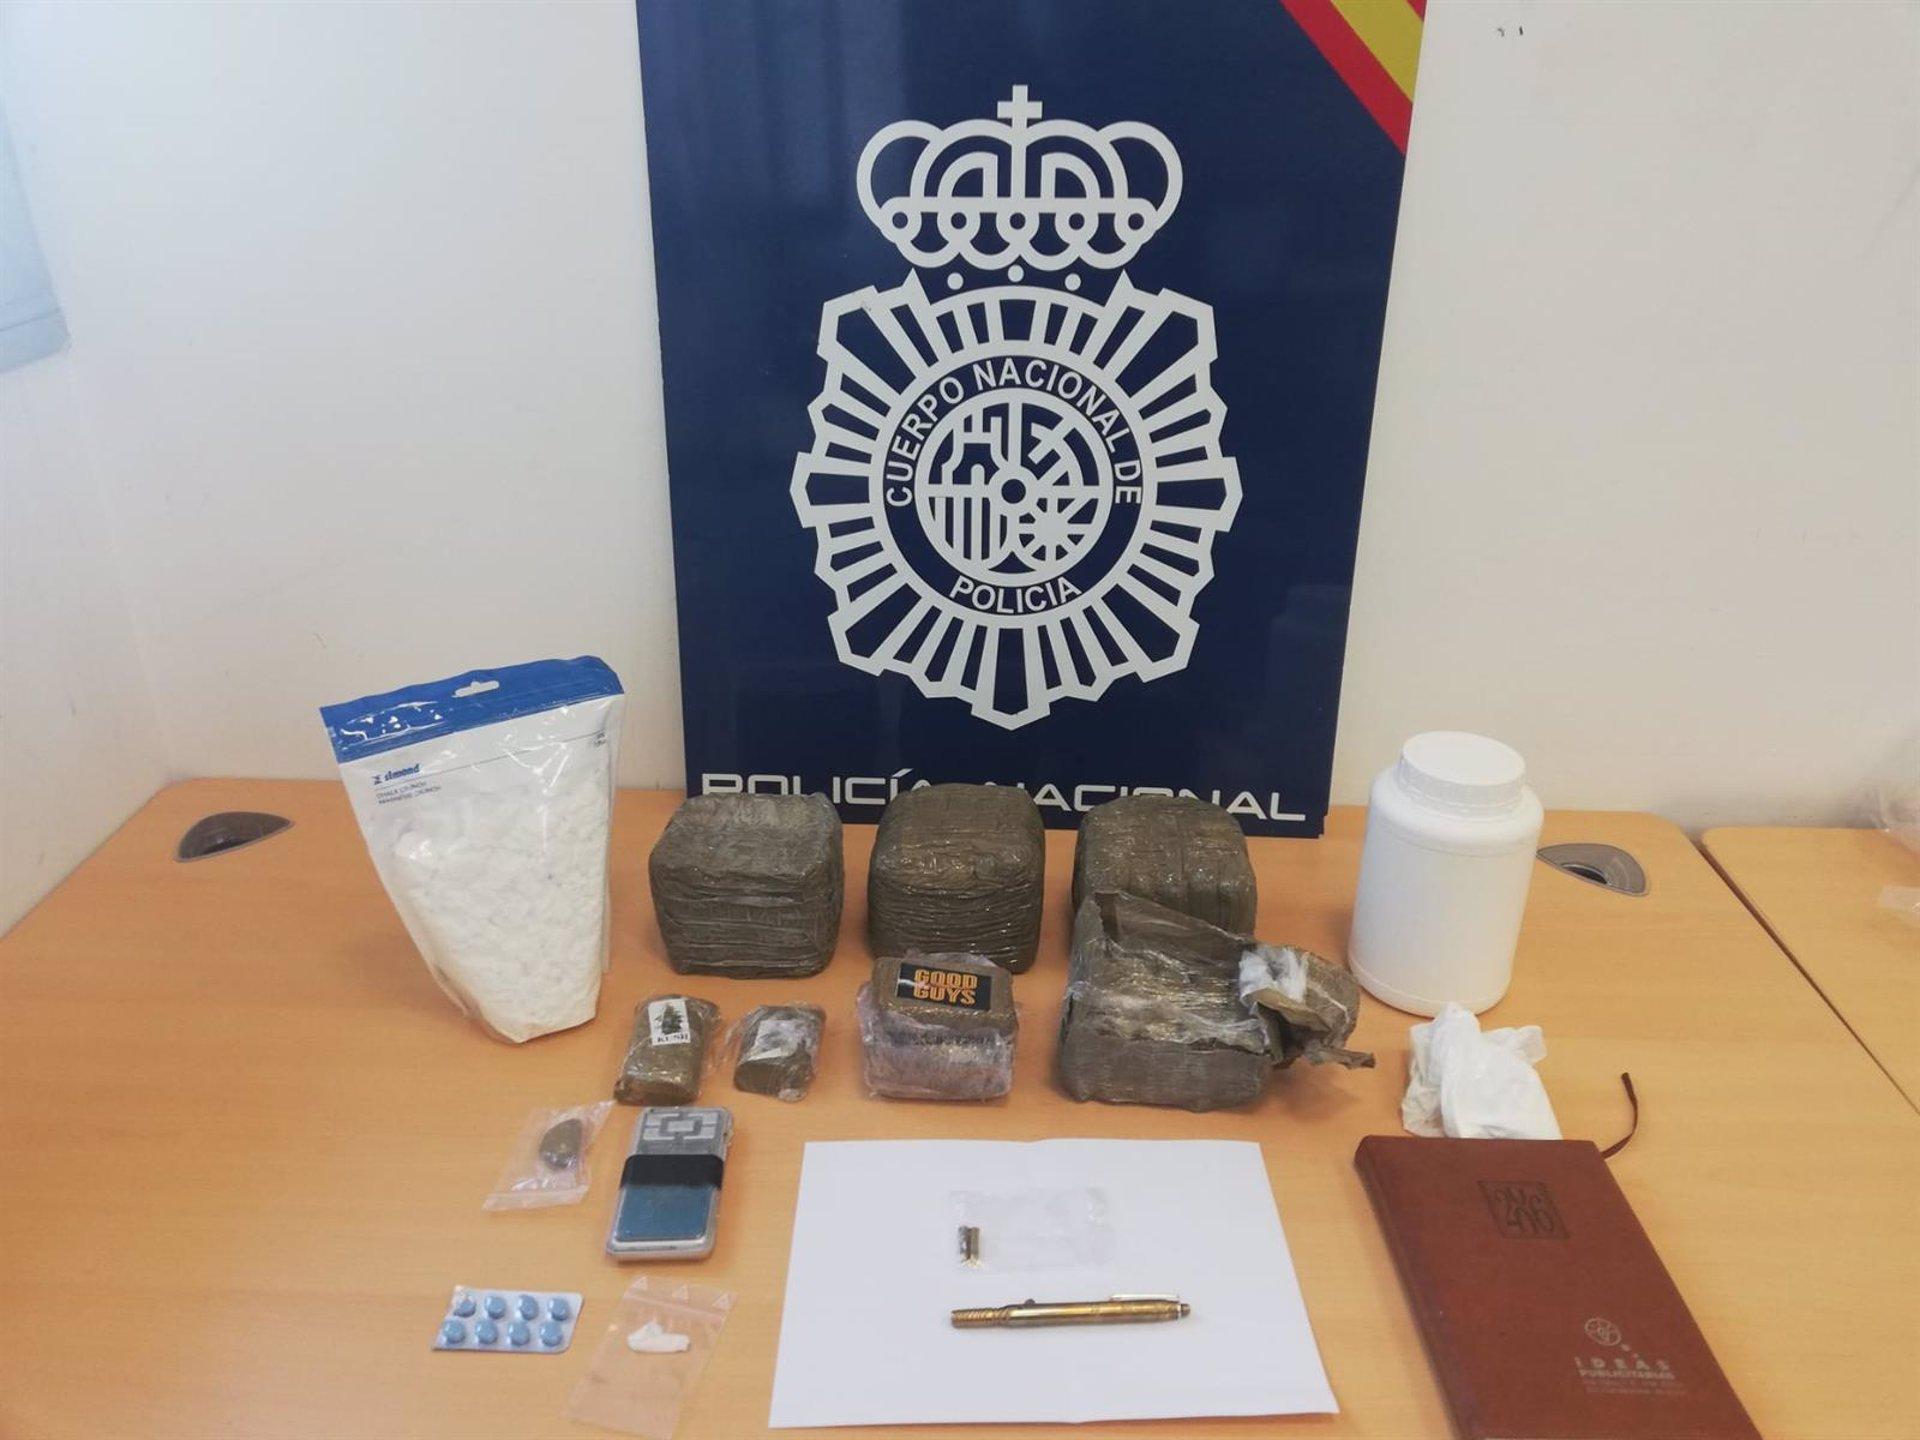 Sevilla.-Sucesos.-Desmantelado un punto de venta de droga en Alcalá cercano a un colegio e incautados 4 kilos de hachís